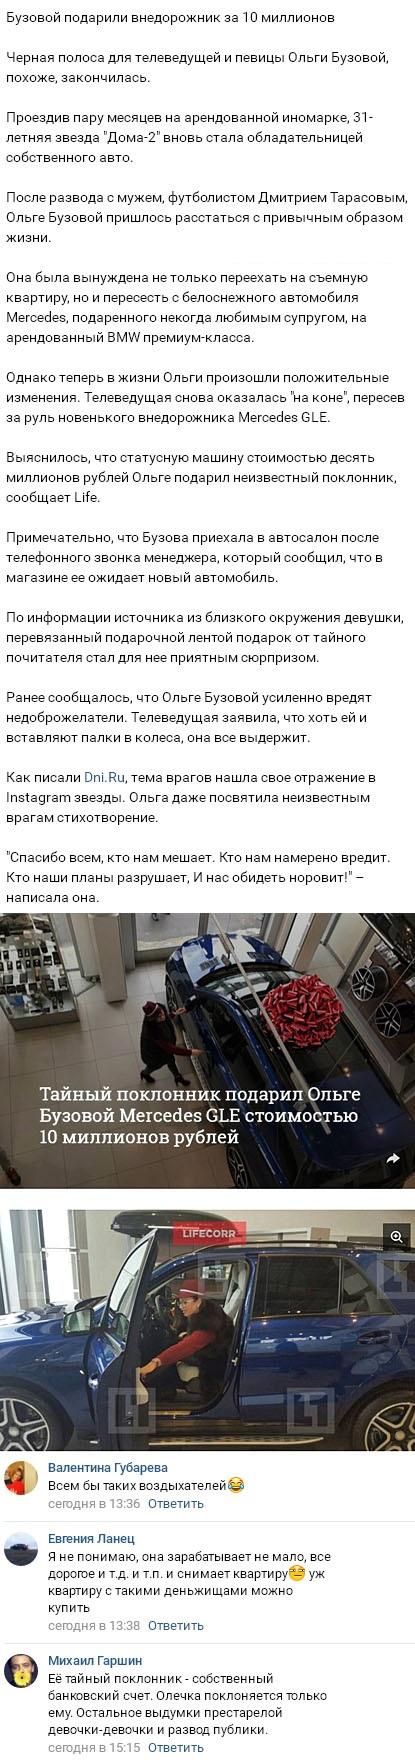 Ольге Бузовой подарили автомобиль стоимостью 10 миллионов рублей